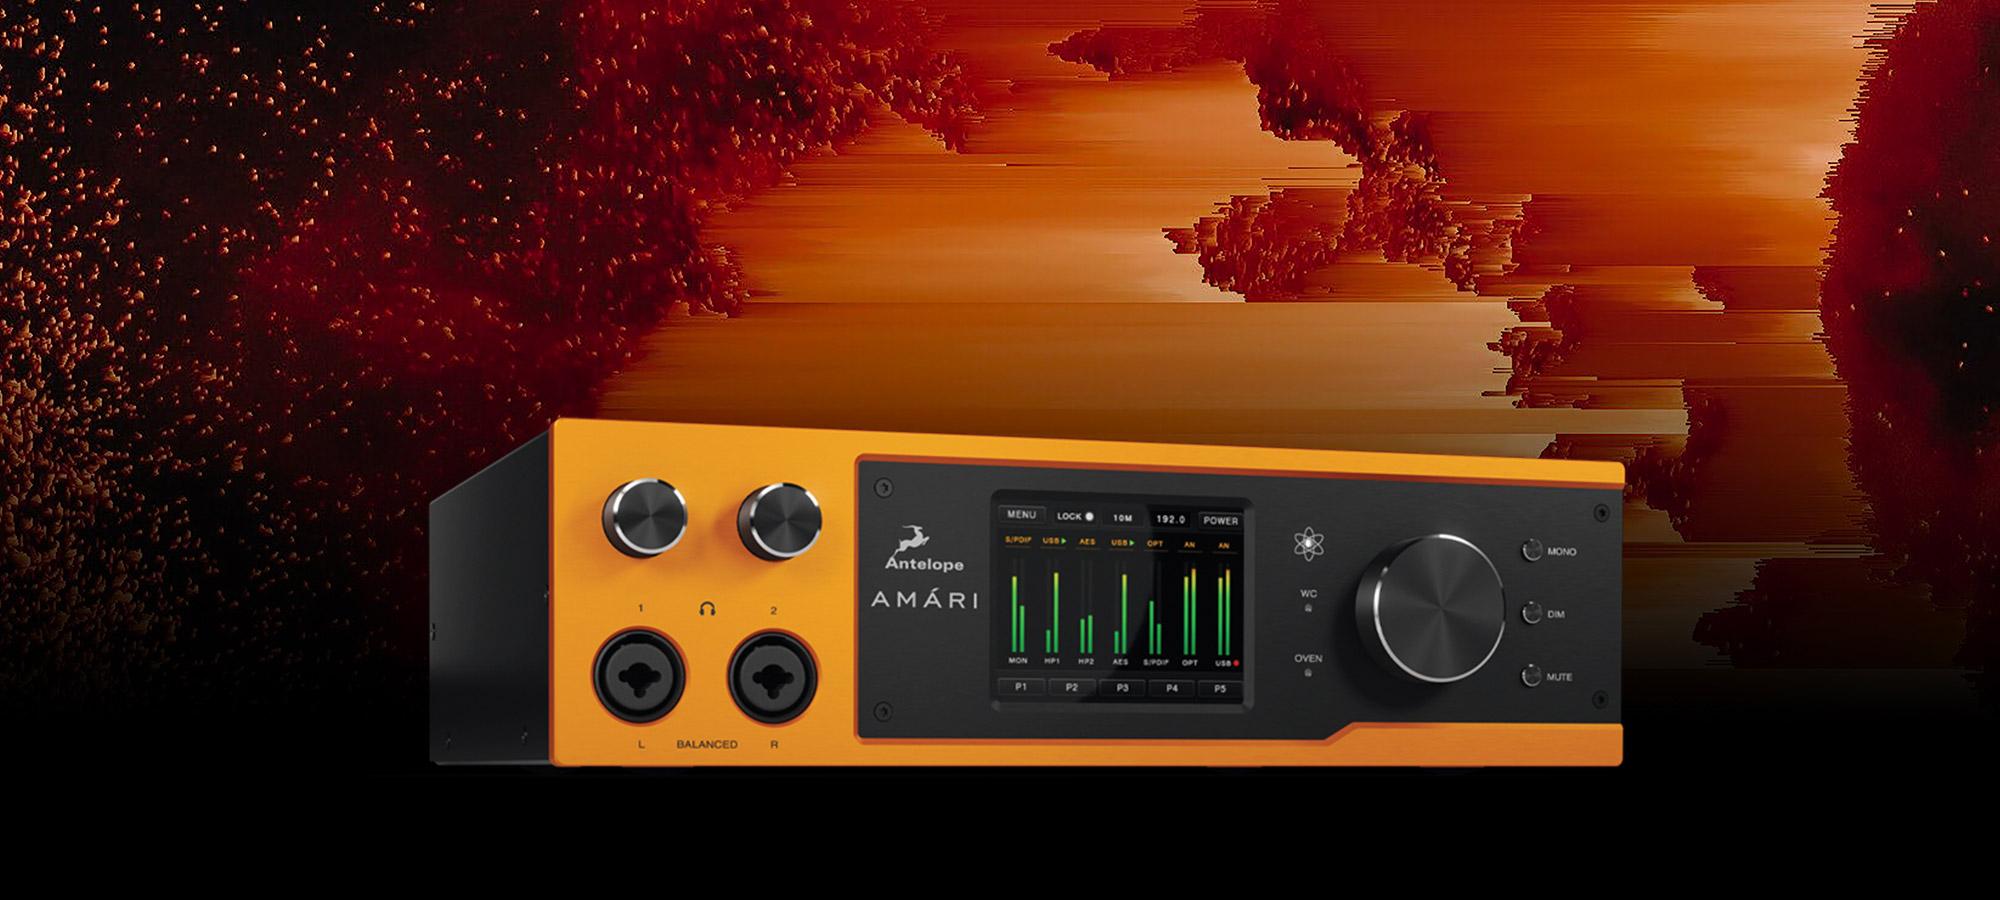 AMÁRI advances audiophile conversion capability with 24-bit/384 kHz AD/DA